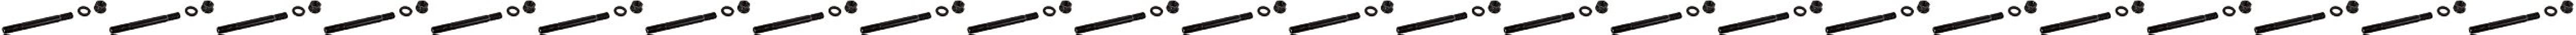 ARP 1304062 Stud Kit